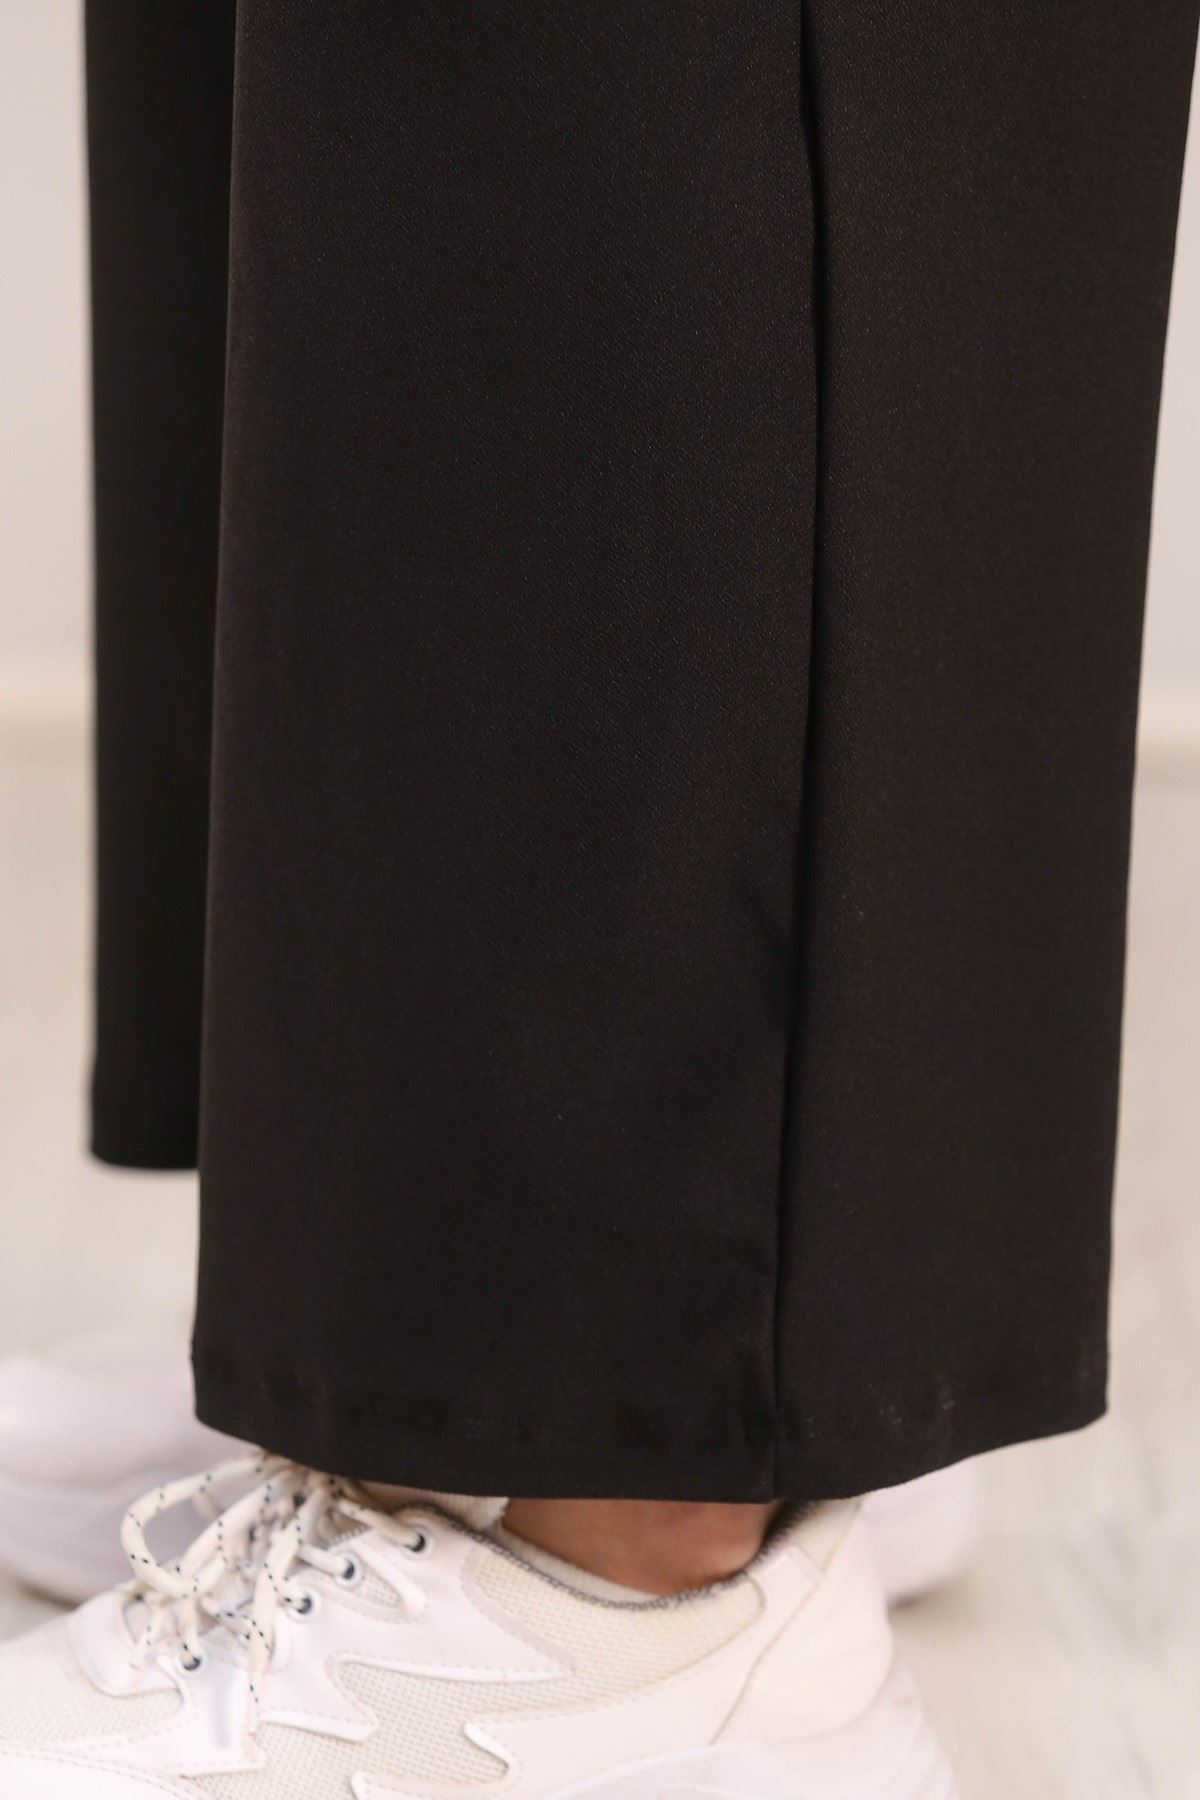 Duble Kol Örme Takım Siyah - 5064.994.